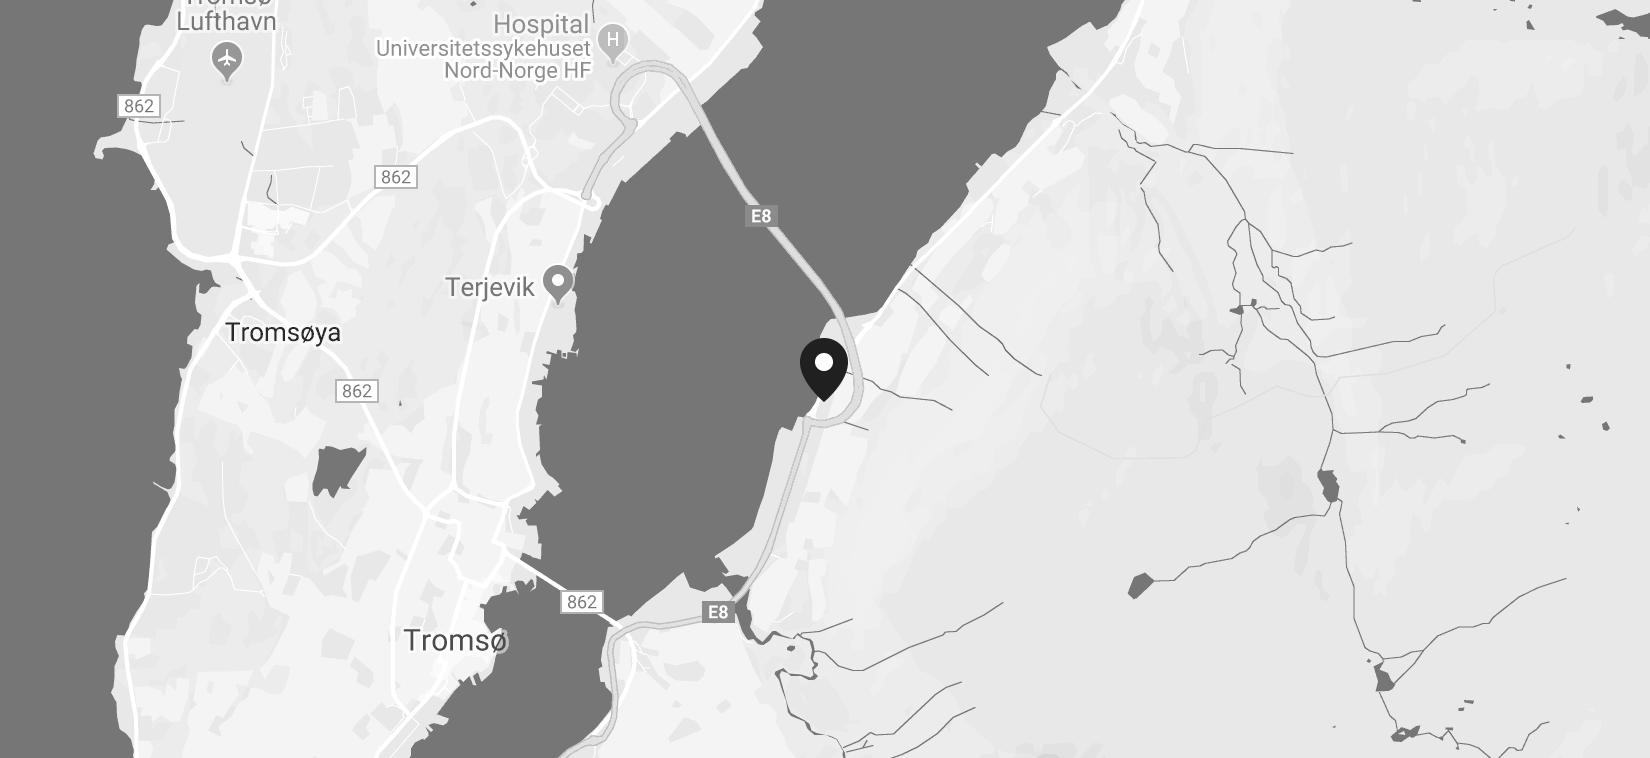 Google kart Tannlegeklinikk1